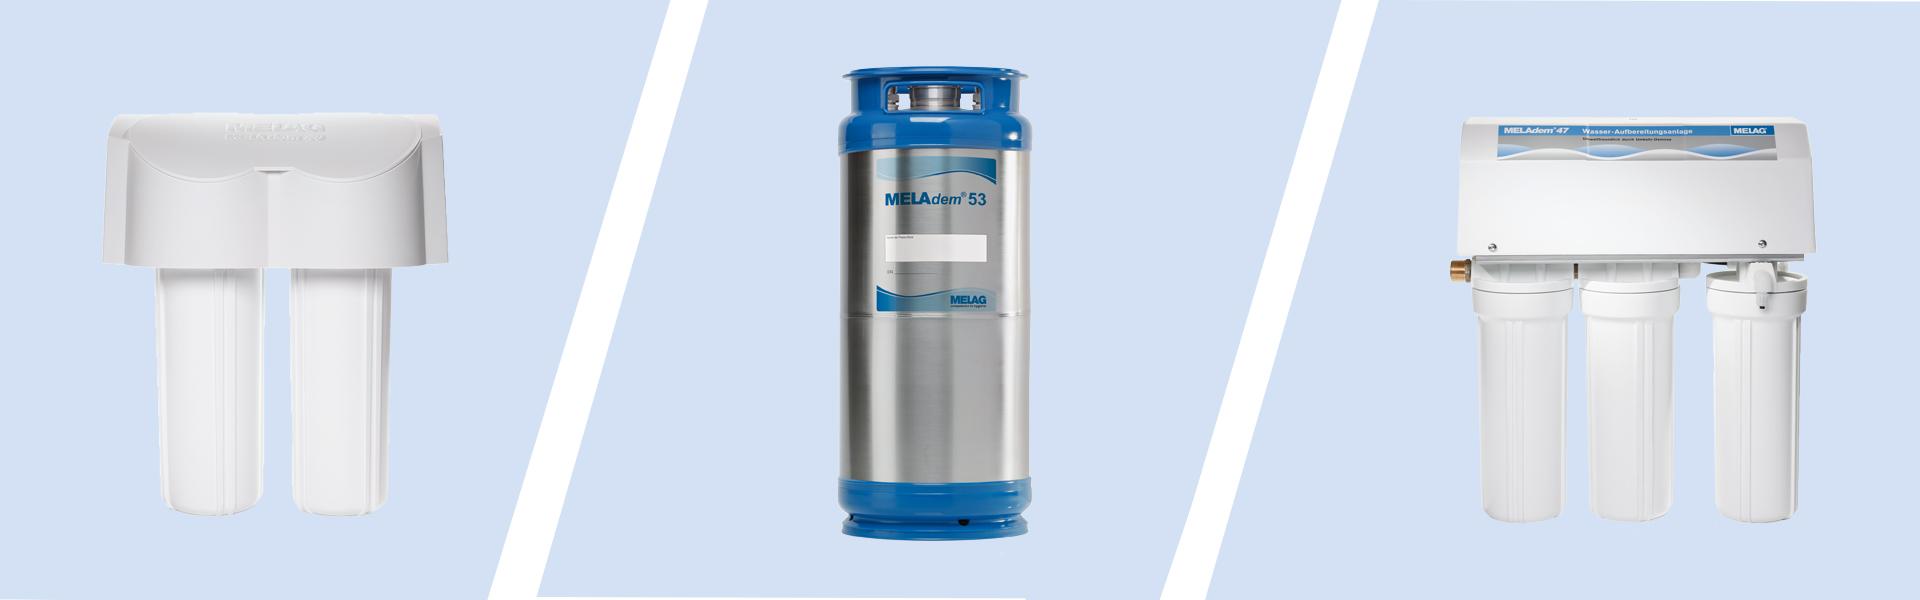 MELAG Wasseraufbereitung MELAdem 40, MELAdem 53 und MELAdem 47